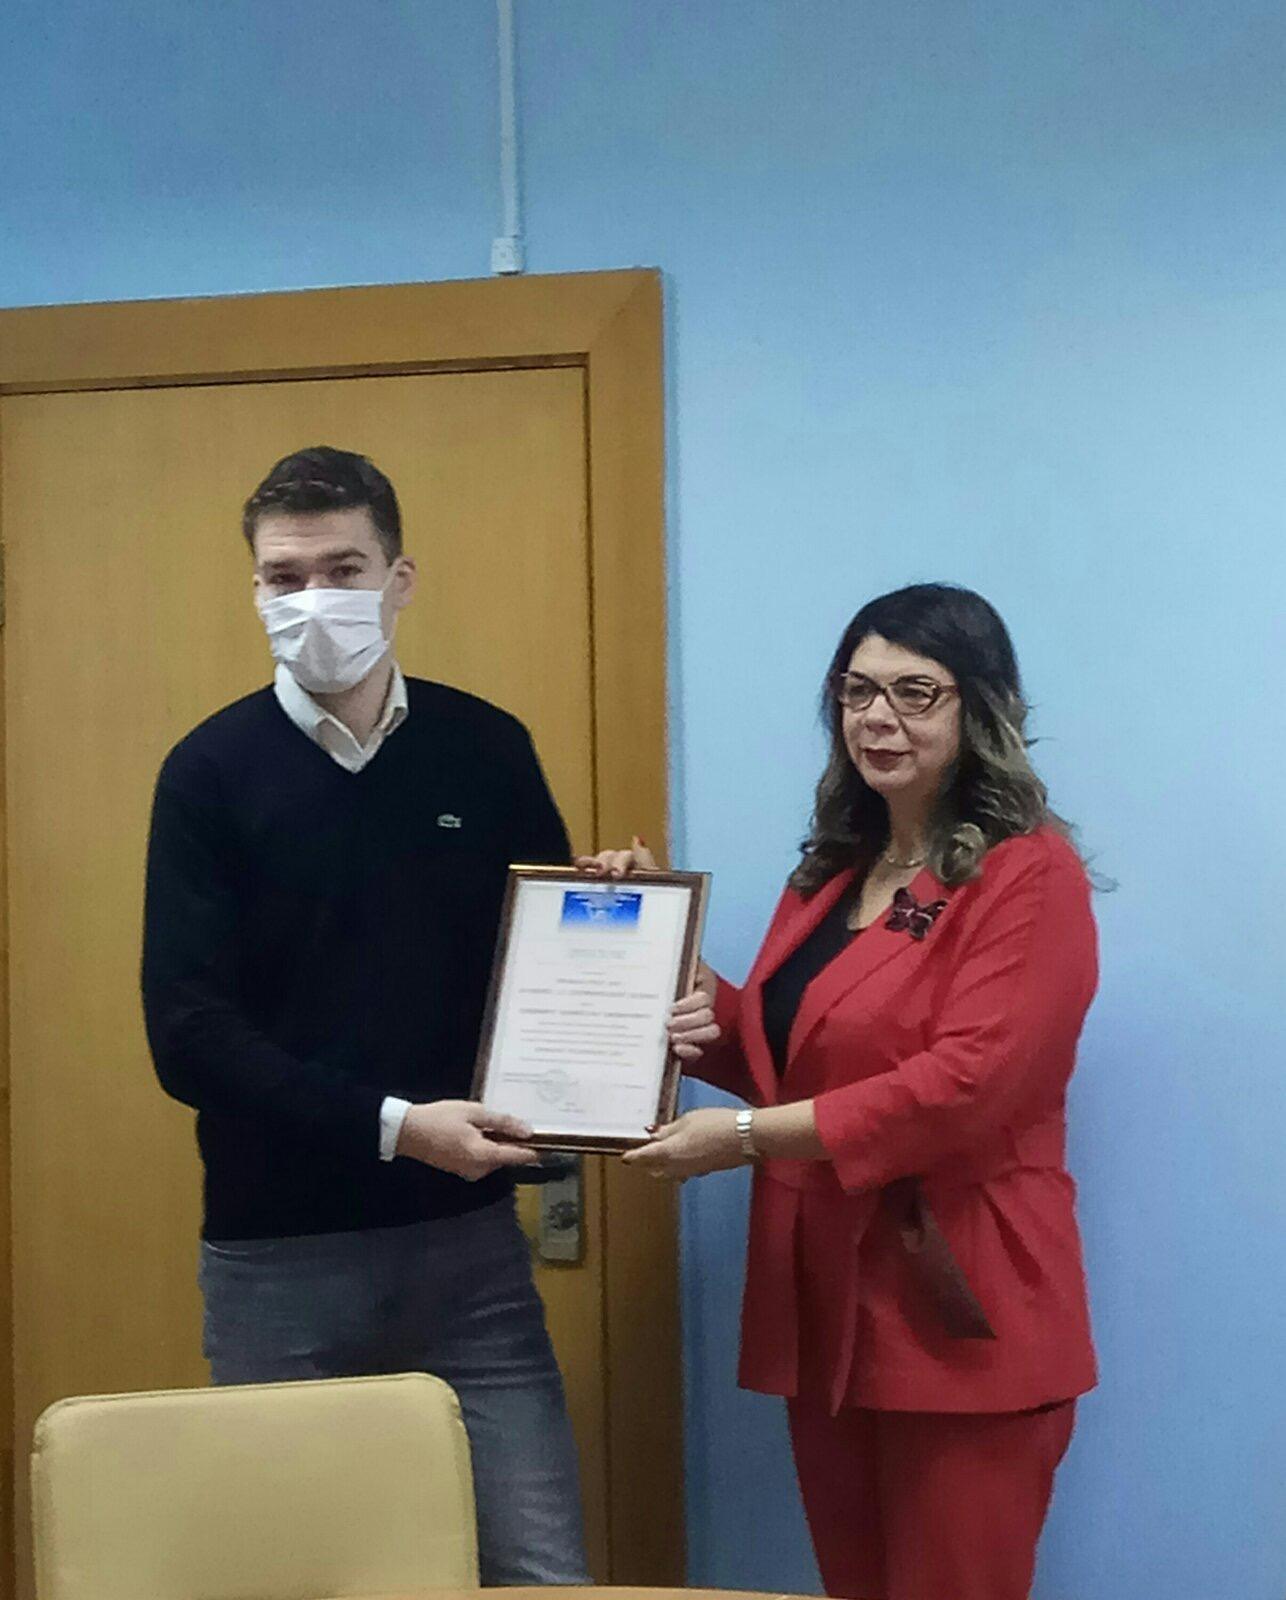 Славный почин: студенты ФЭУ зарегистрировали первую компанию на базе Технопарка ГрГУ